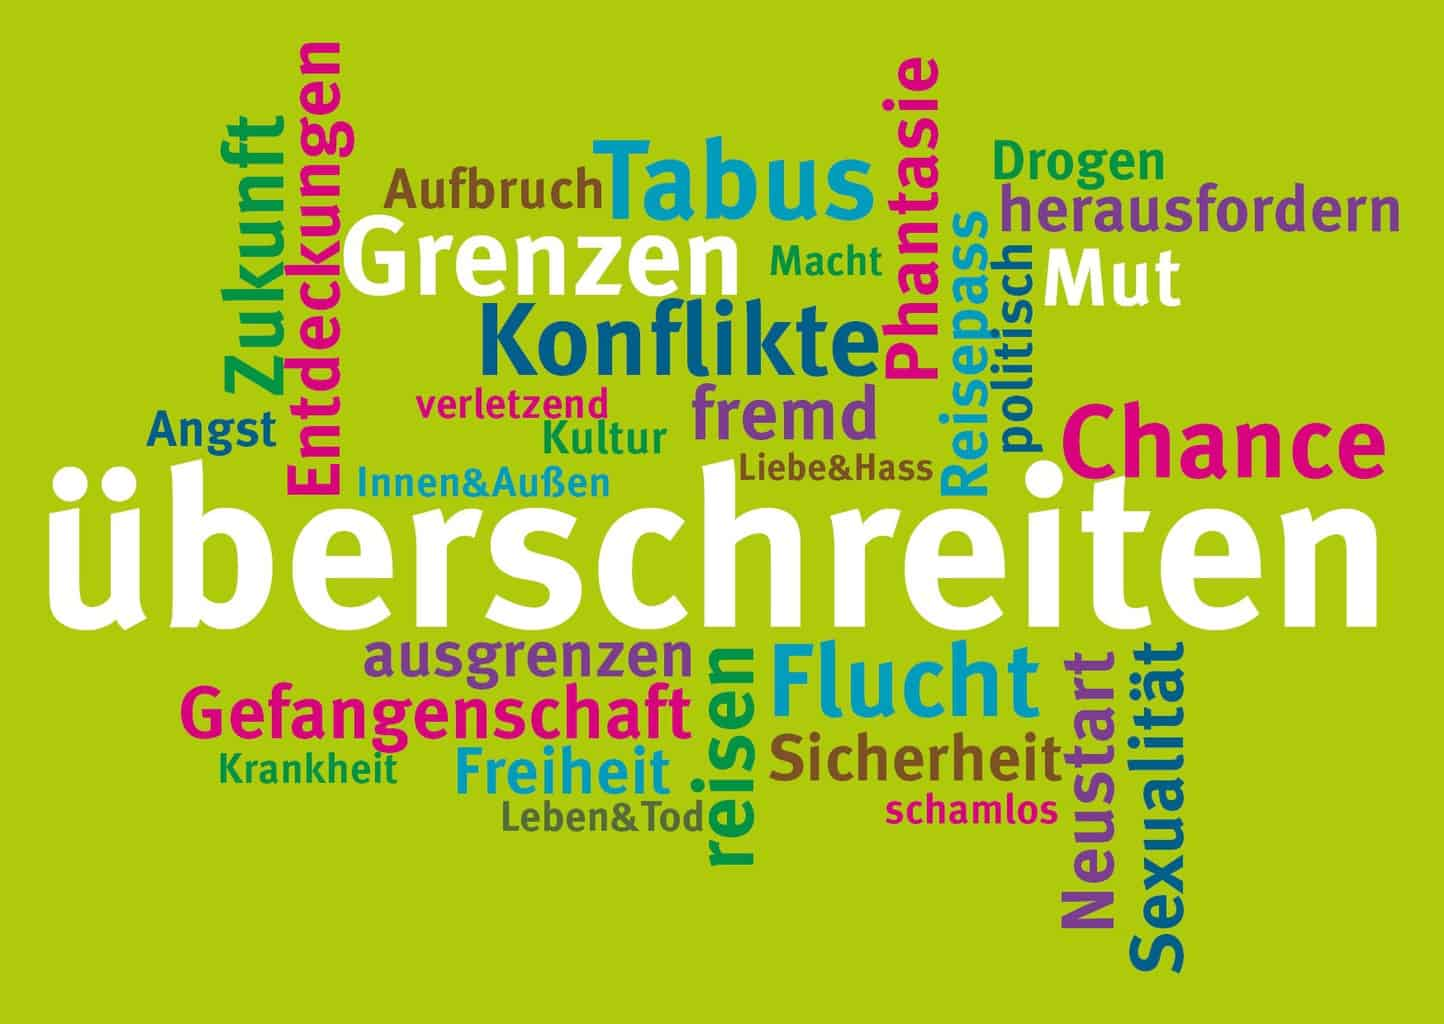 Wordcloud-Literaturwettbewerb-WWU-Münster